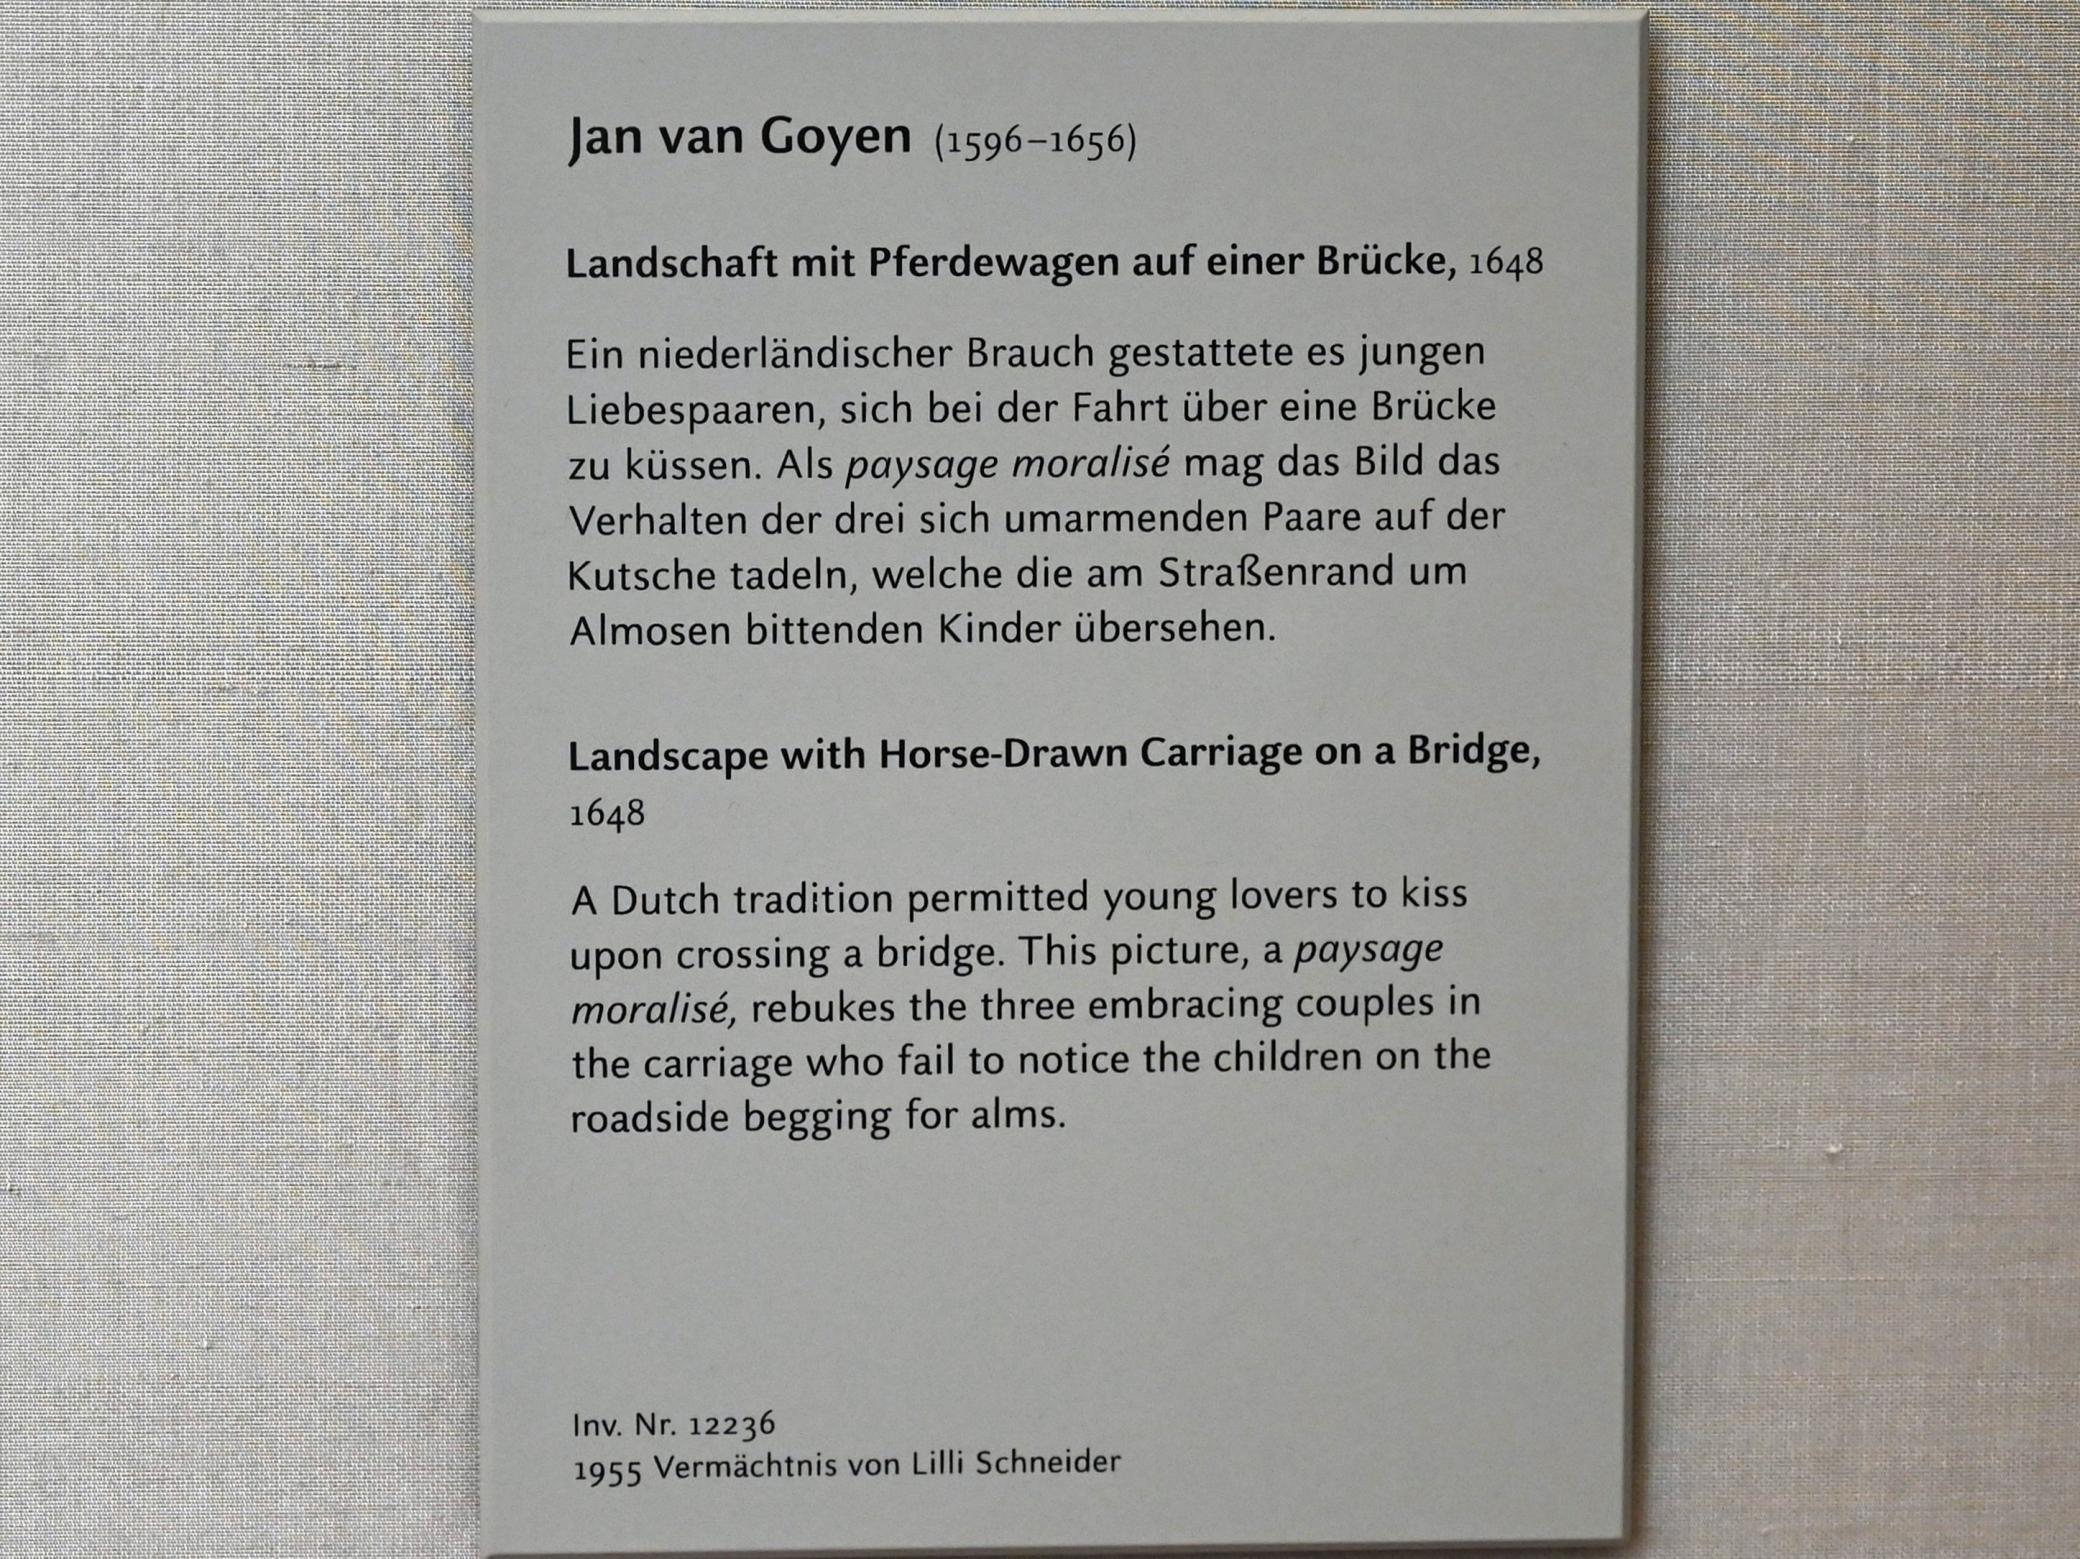 Jan van Goyen: Landschaft mit Pferdewagen auf einer Brücke, 1648, Bild 2/2